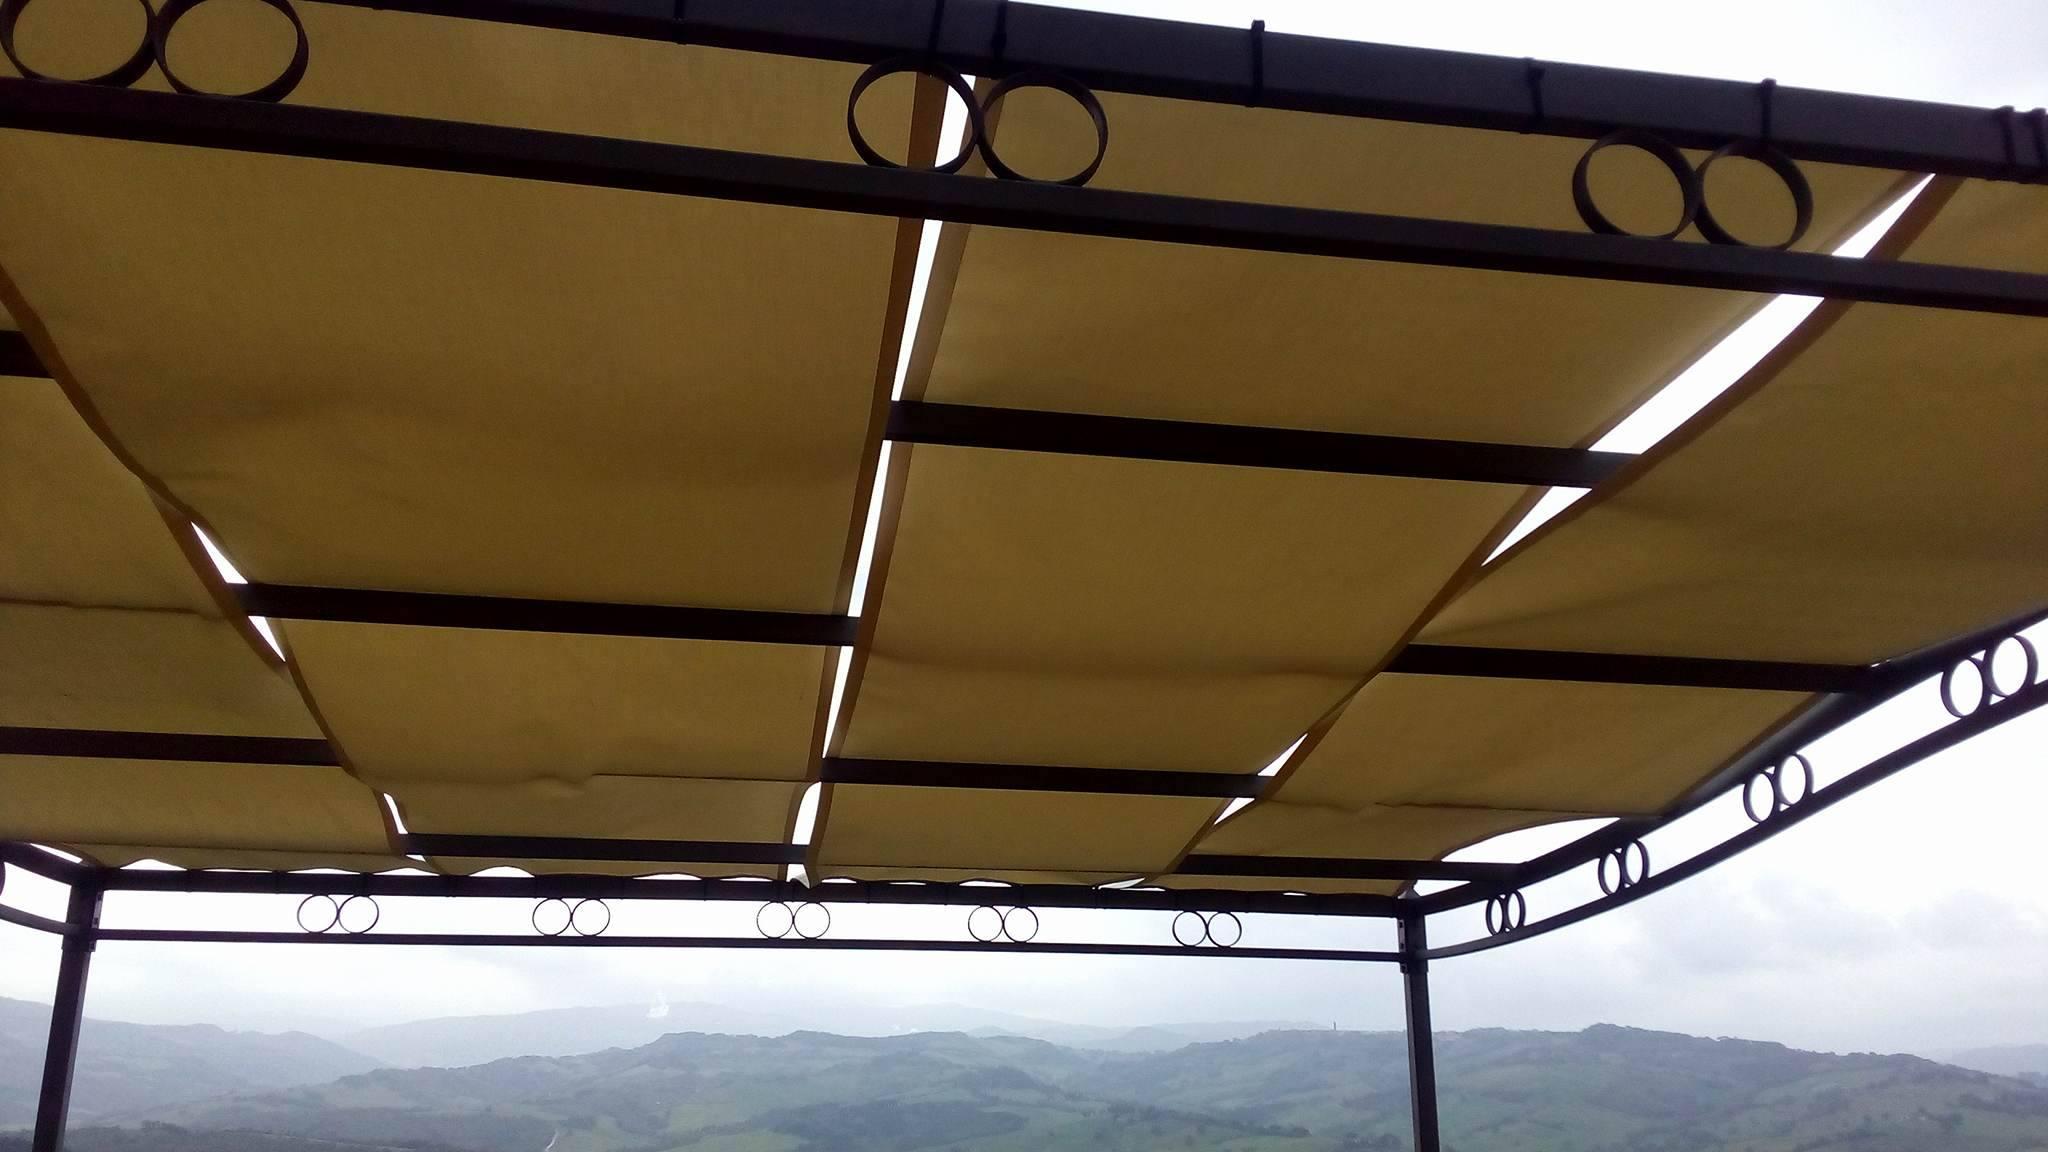 realizzazione teli in acrilico e montaggio su gazebo